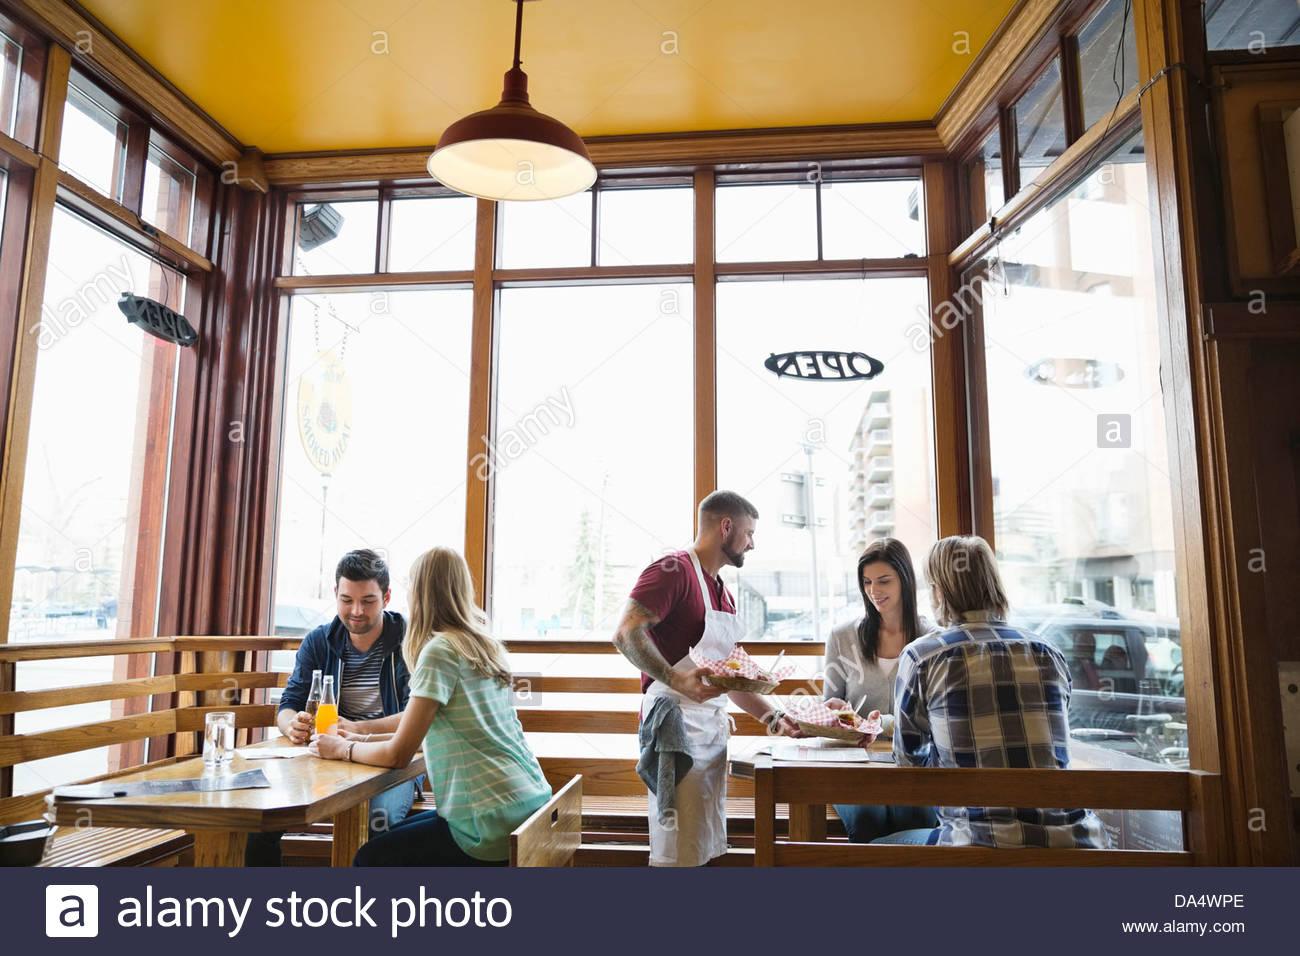 Homme deli owner de servir des aliments aux clients Photo Stock